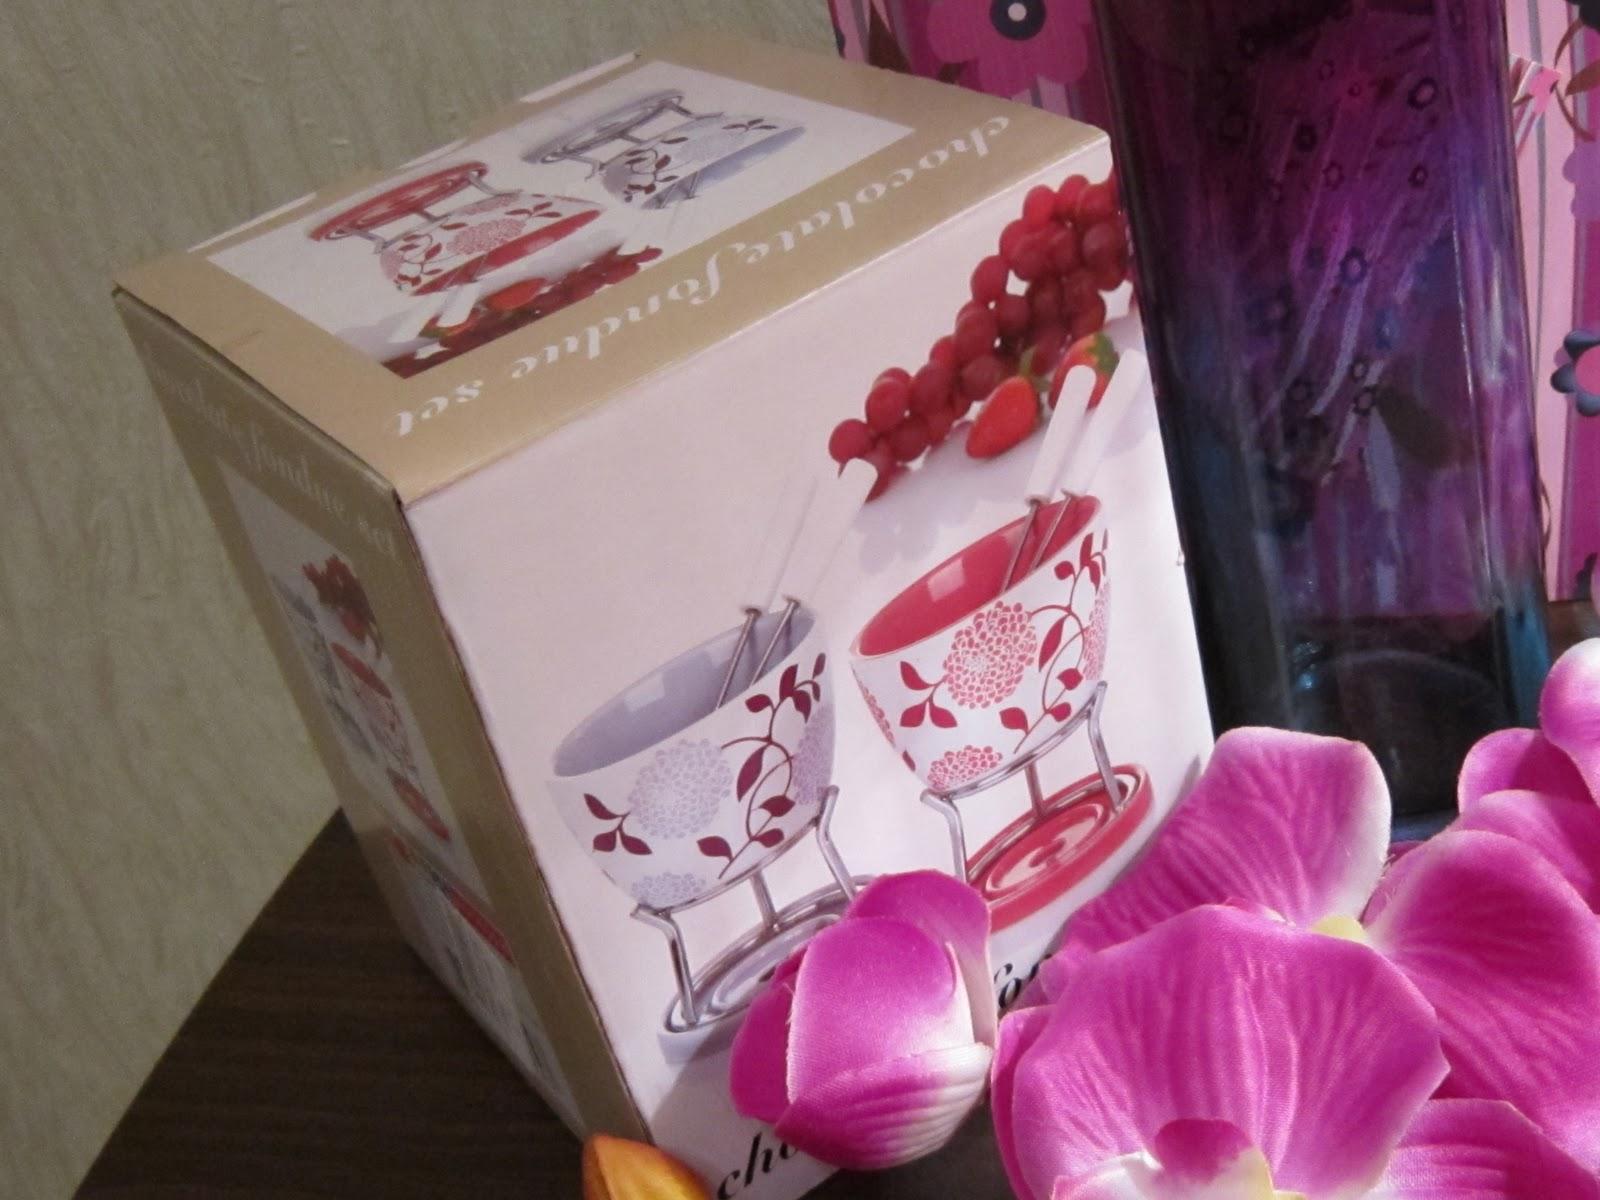 купить тату набор в минске - Тату набор в Беларуси Сравнить цены и поставщиков